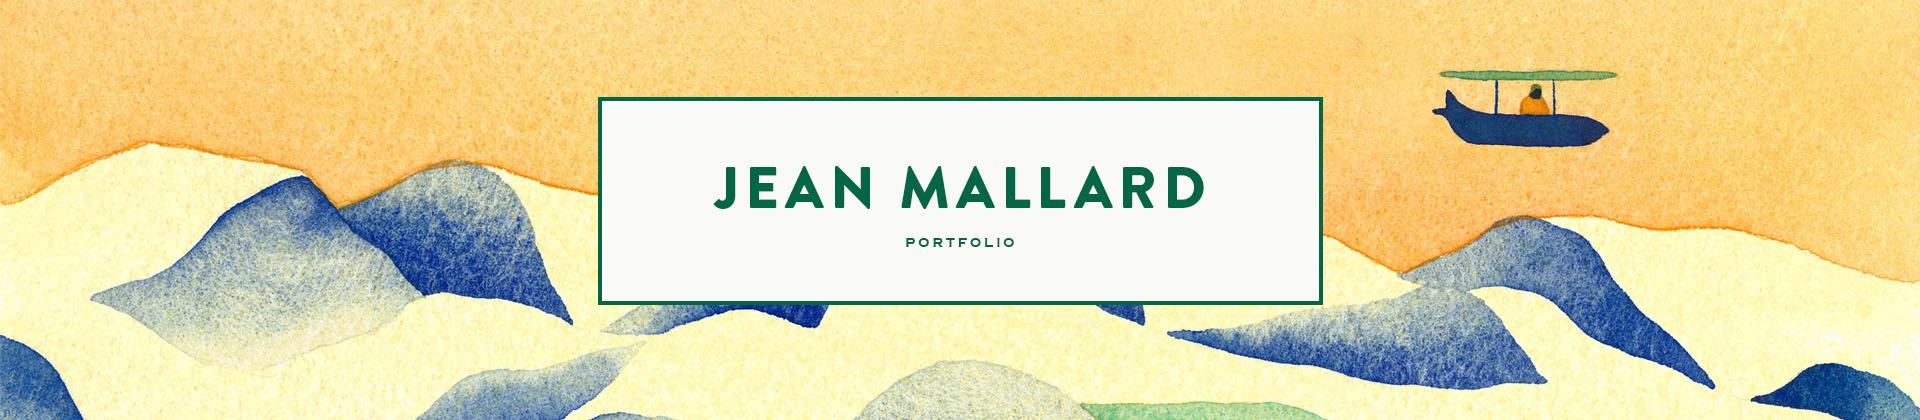 Jean Mallard